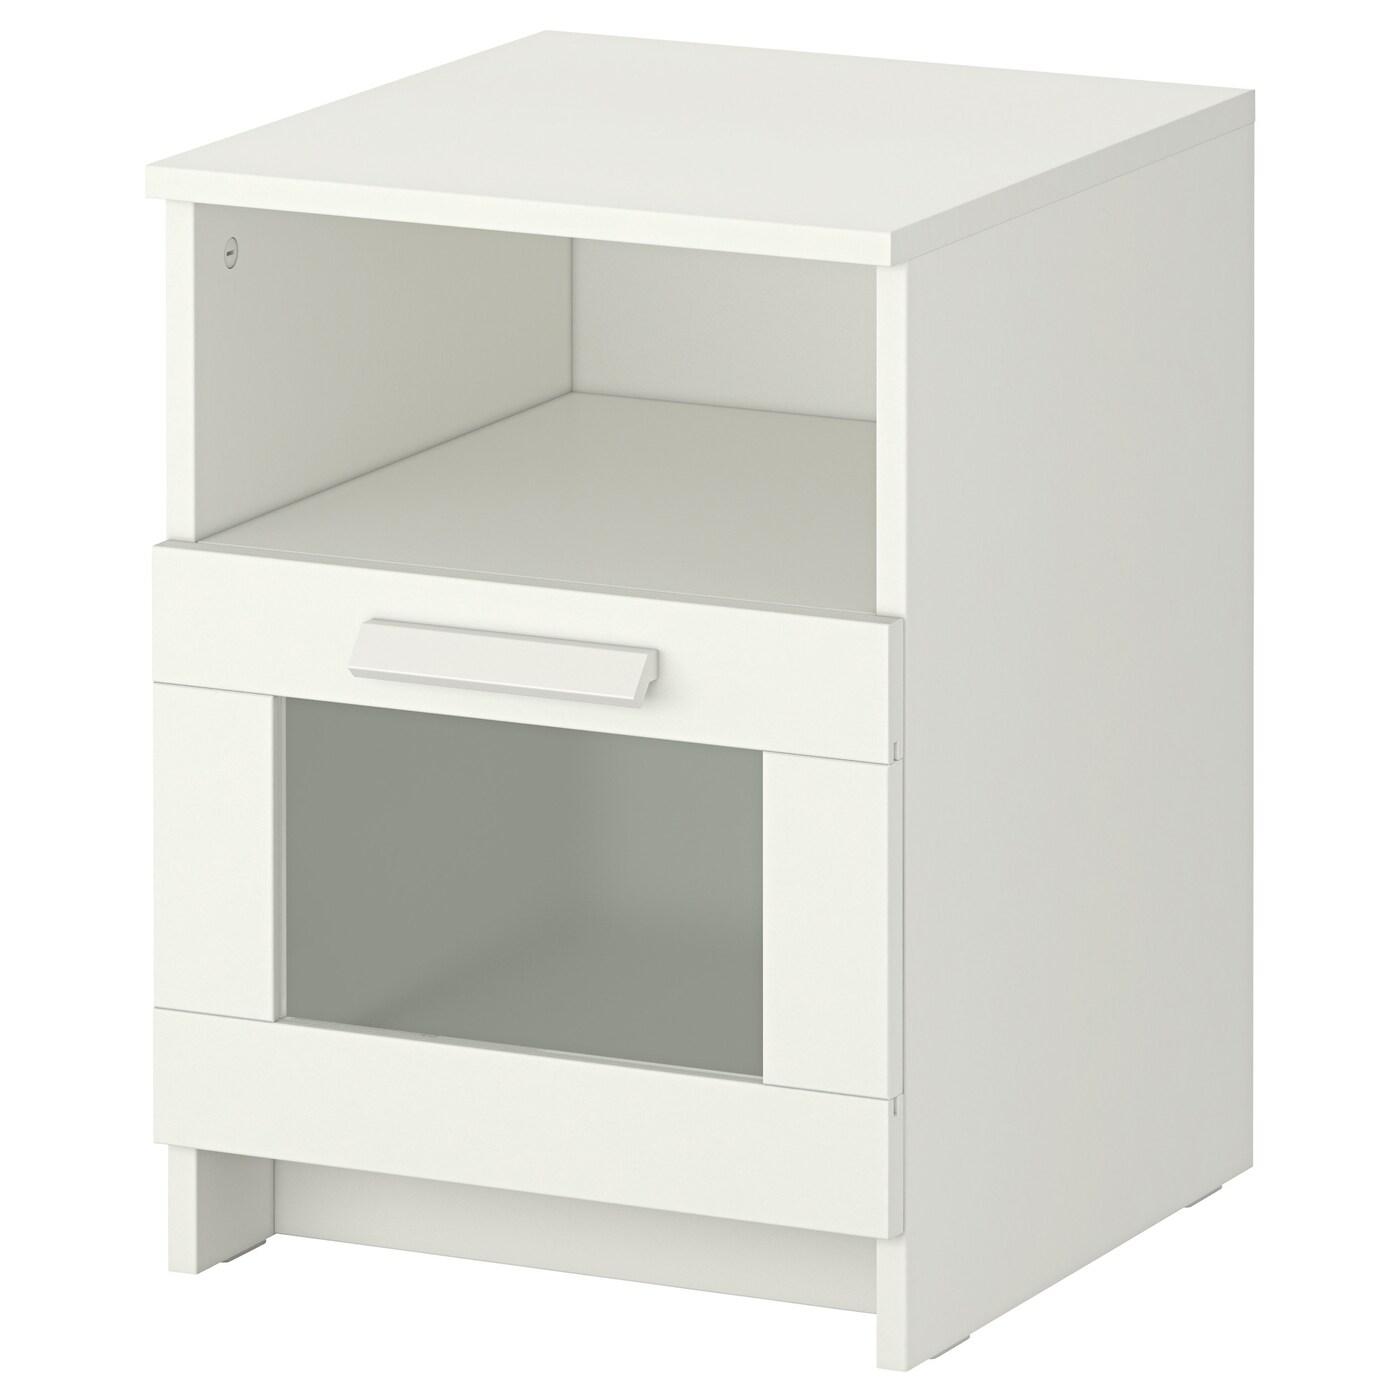 BRIMNES Table de chevet Blanc 43x43 cm - IKEA - Table De Chevet Blanche